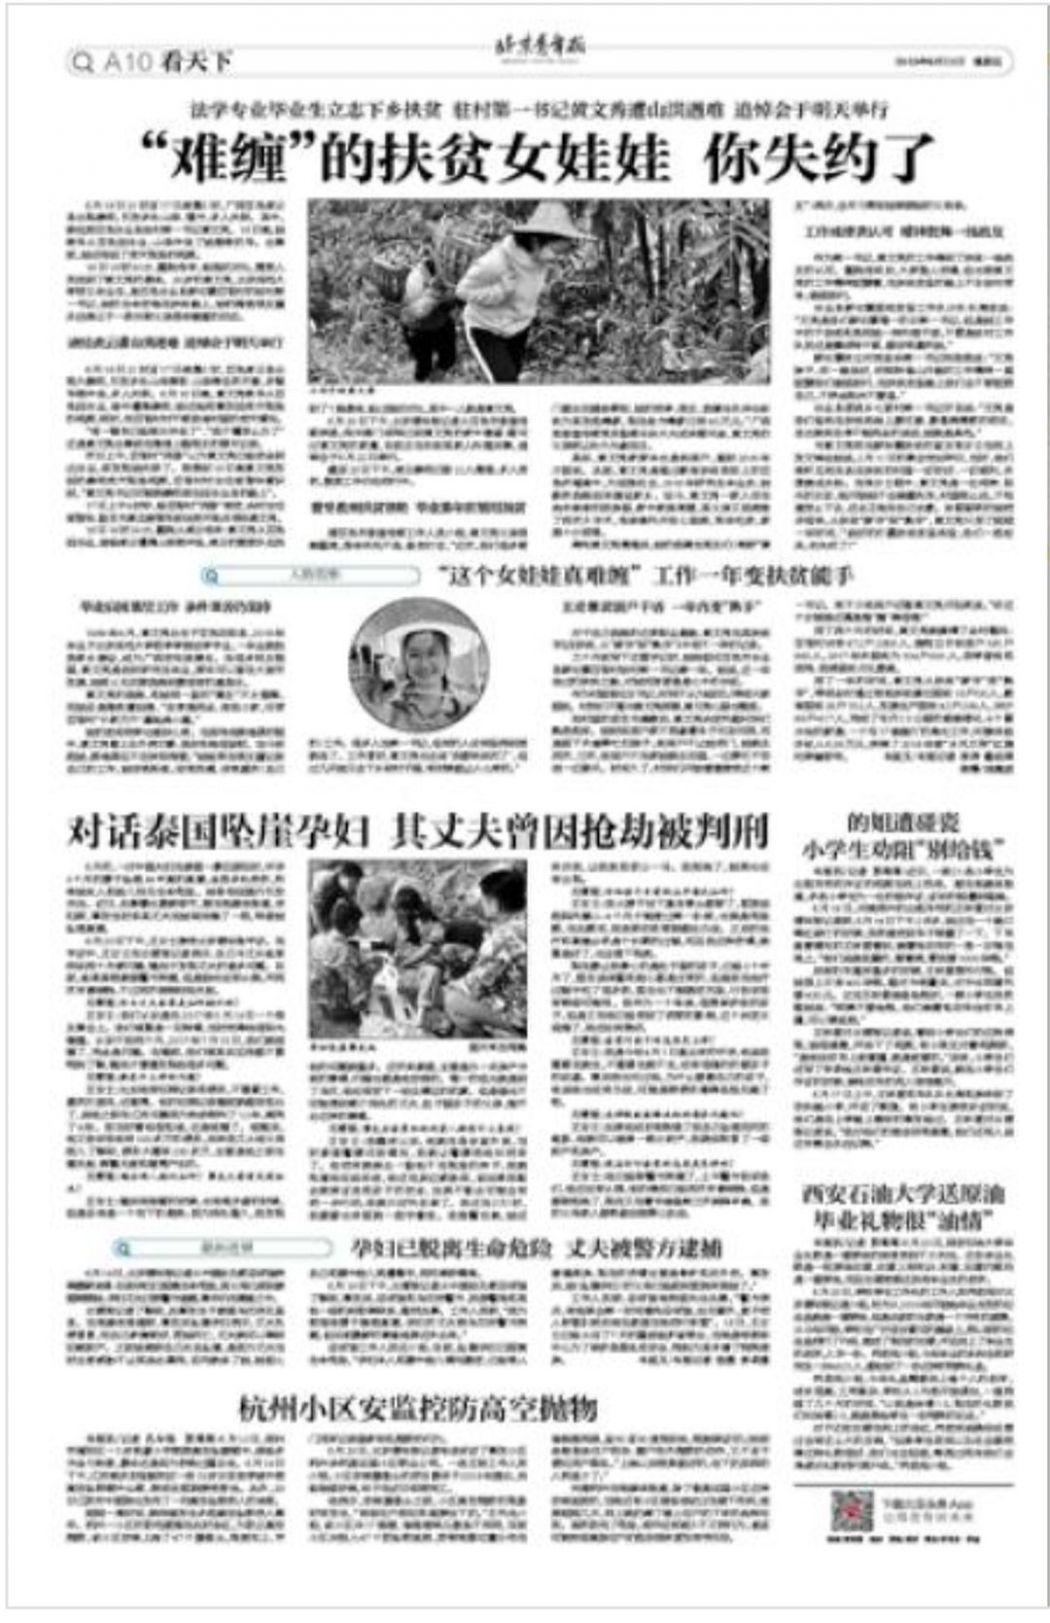 huang wenxiu beijing youth daily